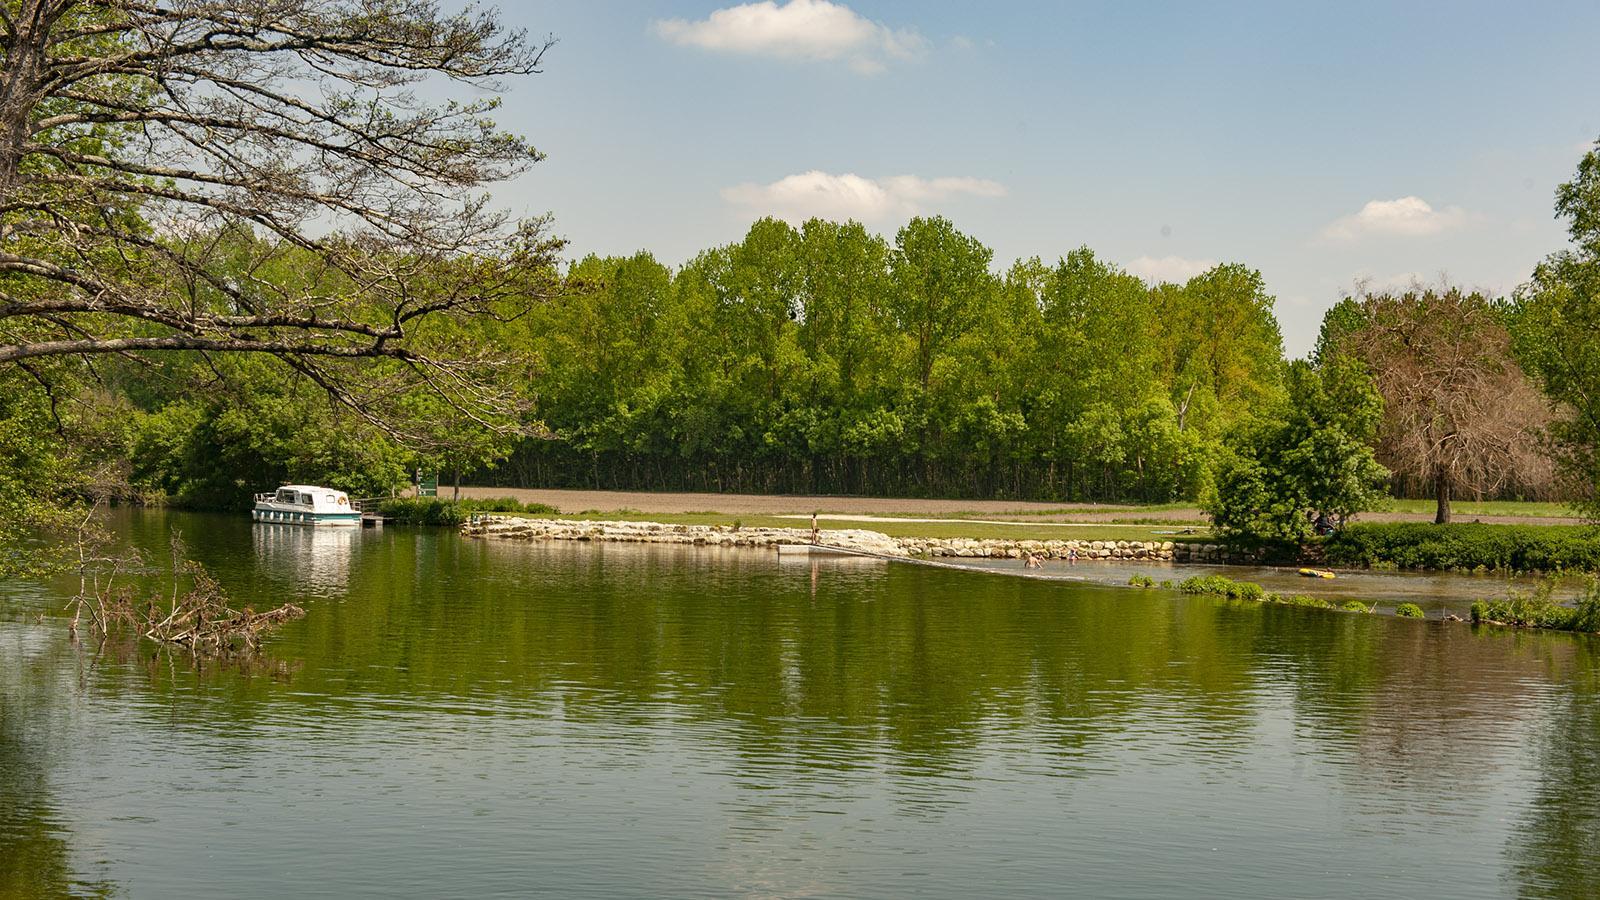 Charente im Hausboot. Bereits Mitte Mai badeten die Ersten im Fluss. Foto: Hilke Maunder